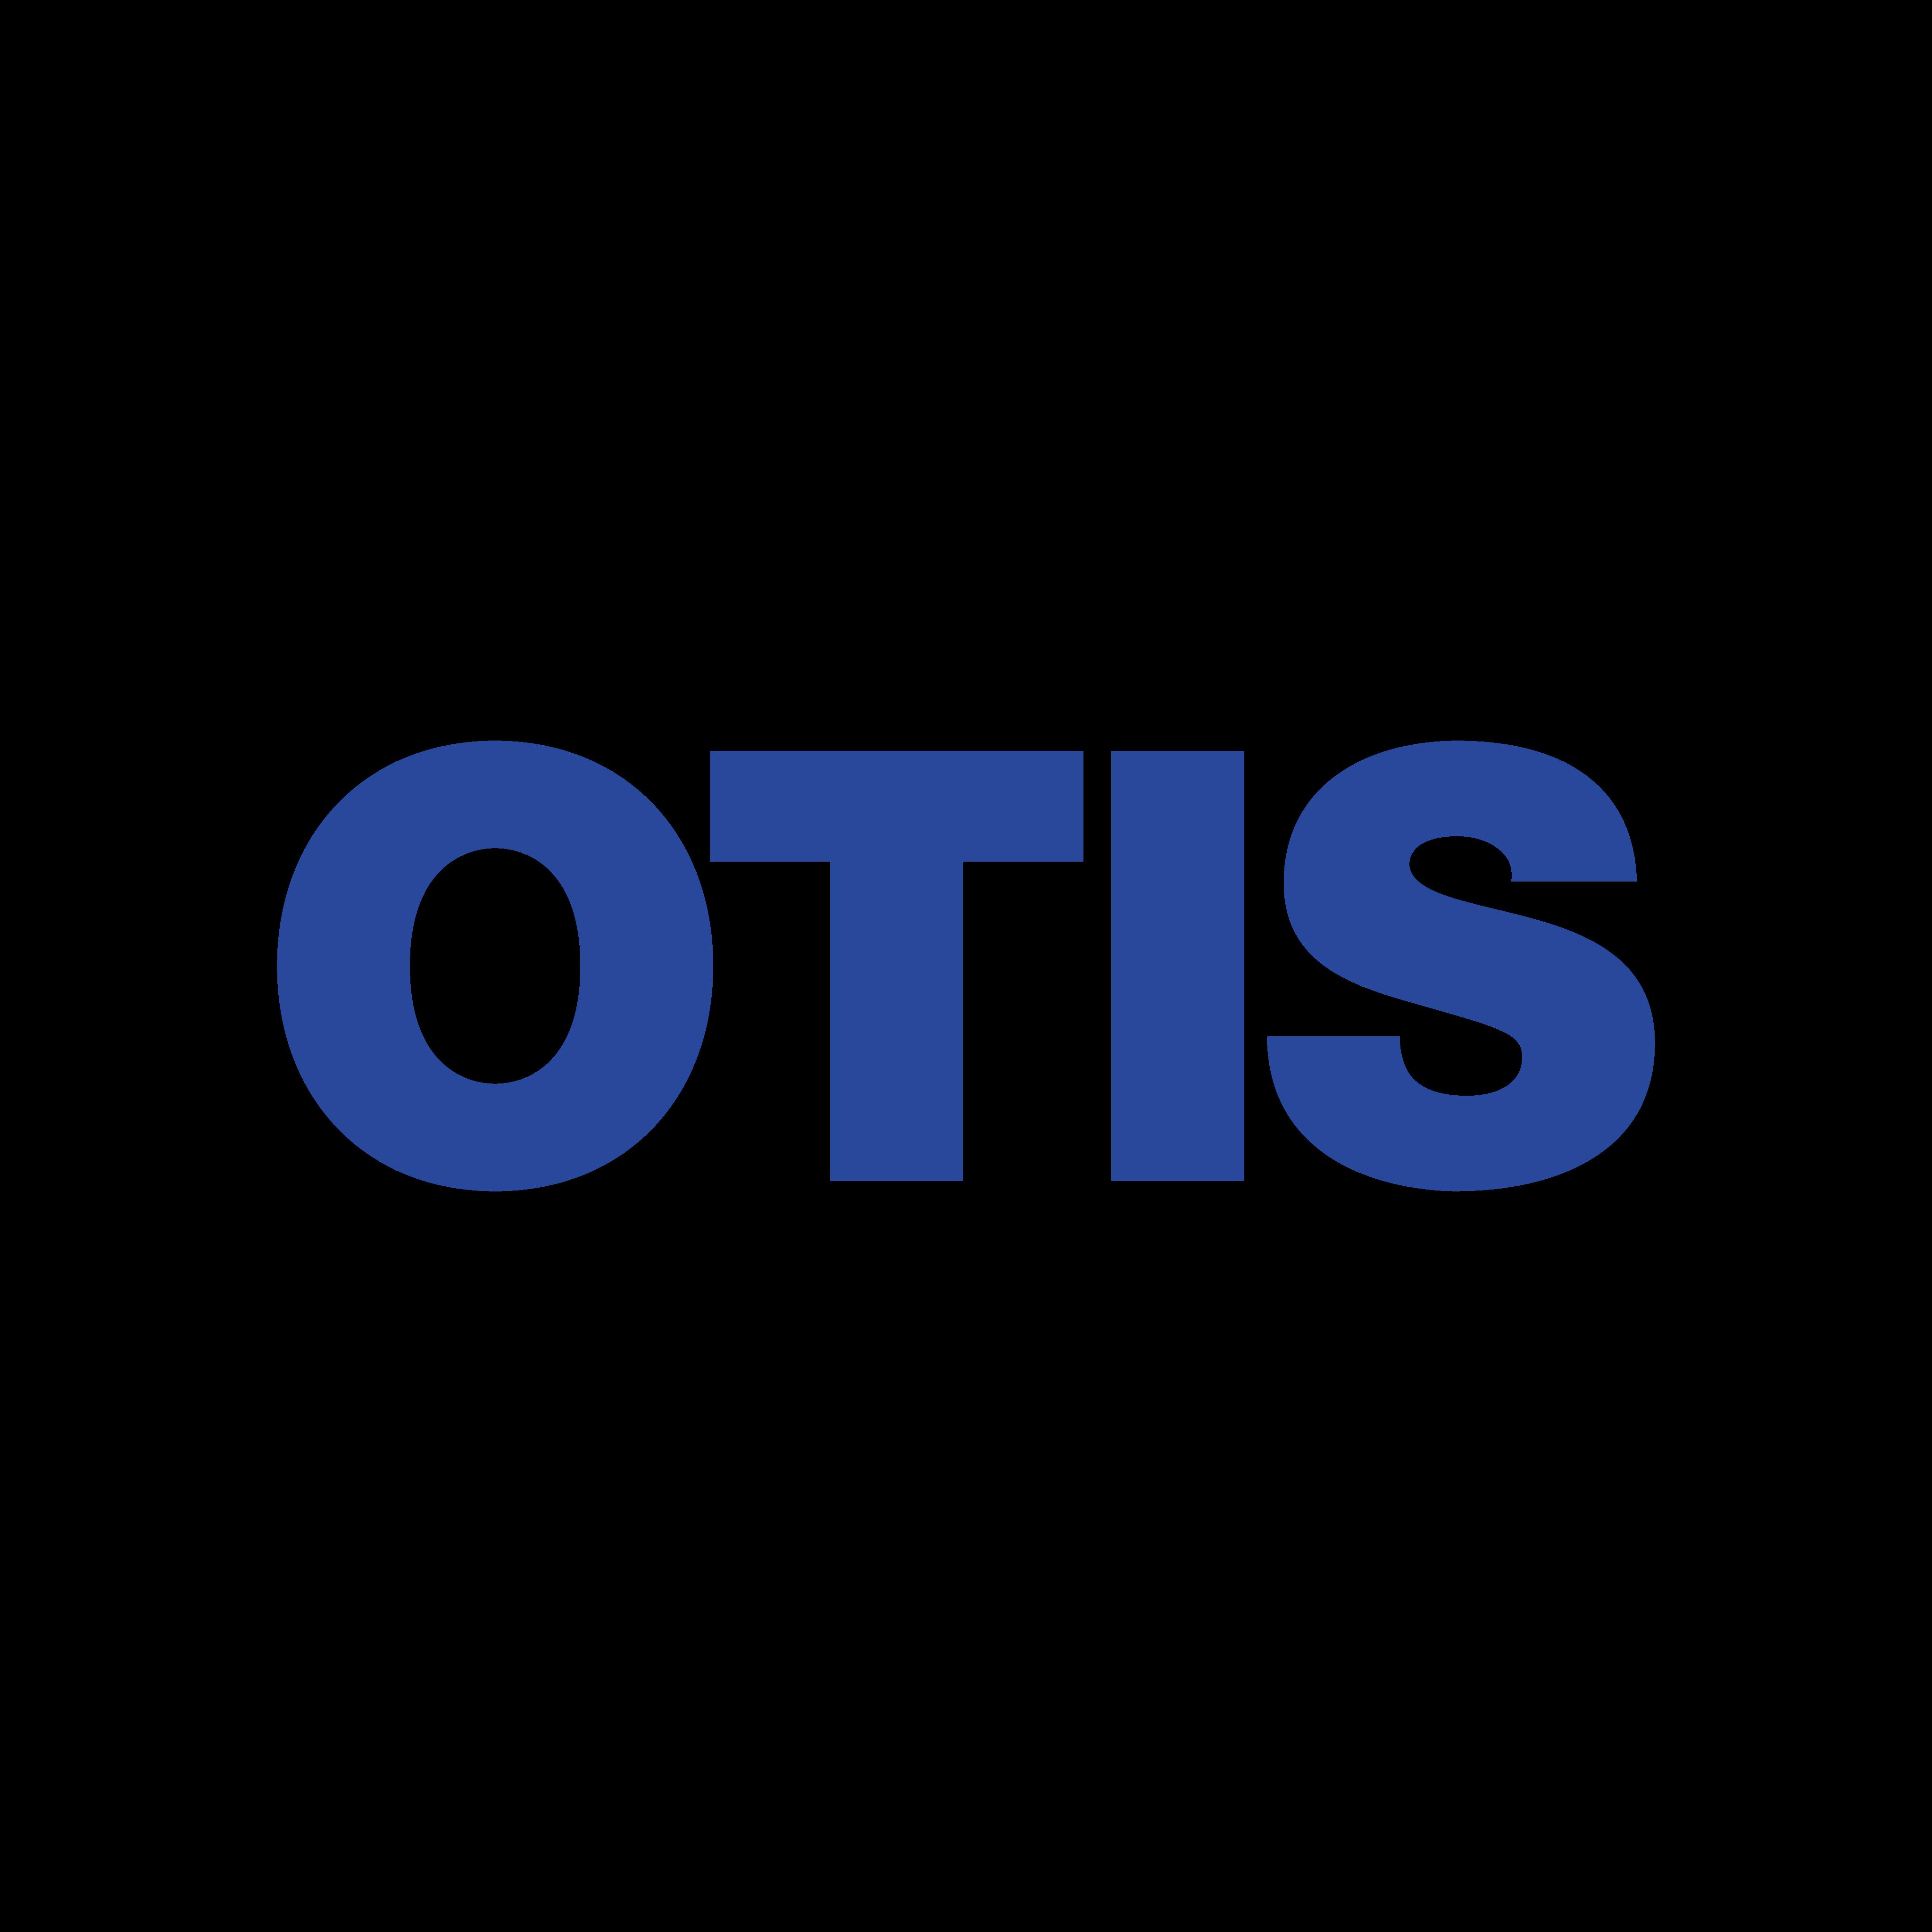 otis logo 0 - Otis Logo